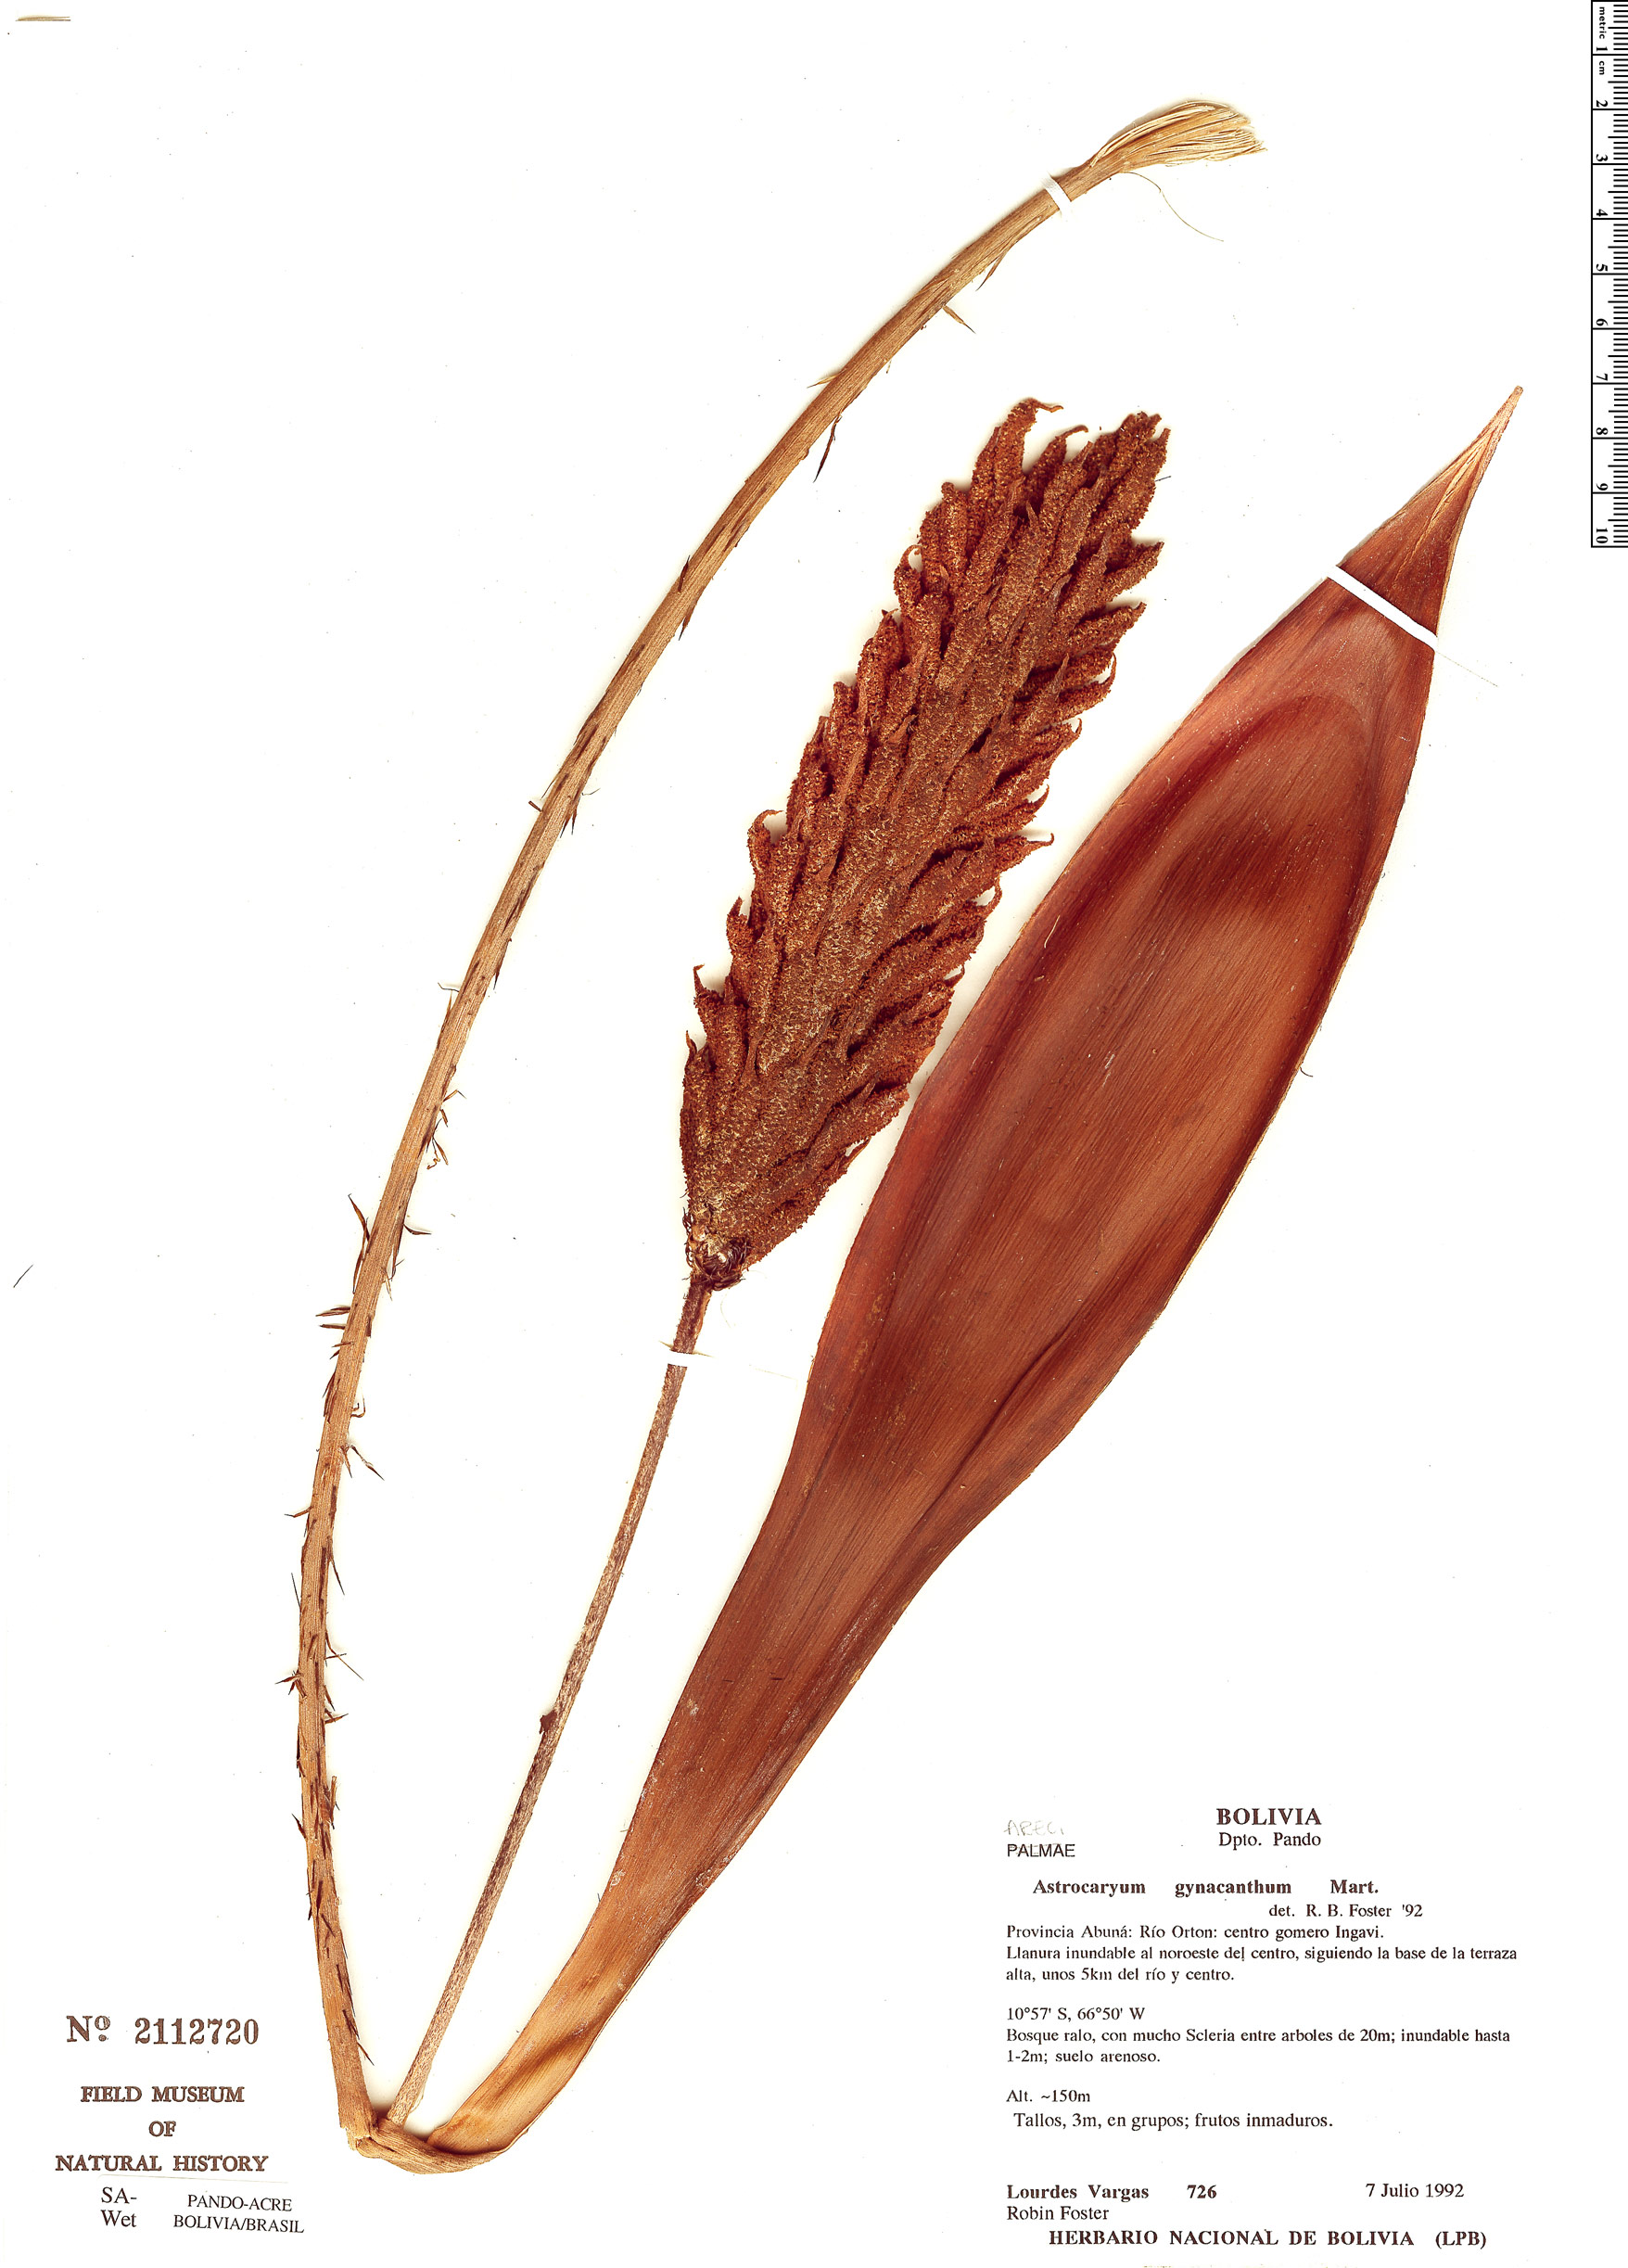 Specimen: Astrocaryum gynacanthum